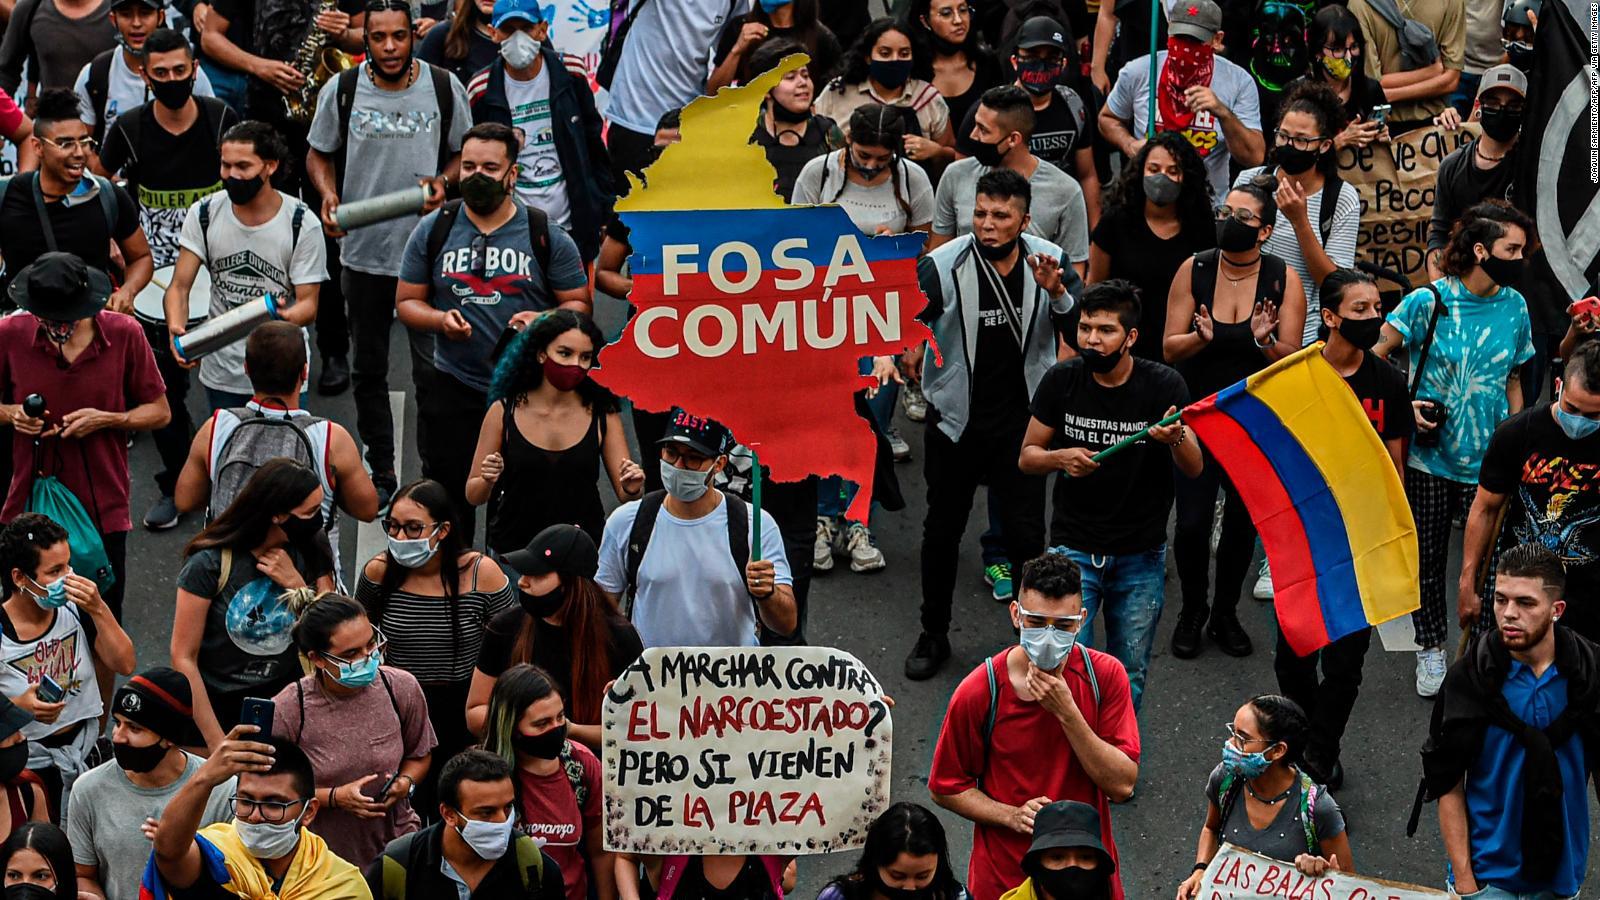 Jornada de protestas contra la brutalidad policial en Colombia | Video | CNN